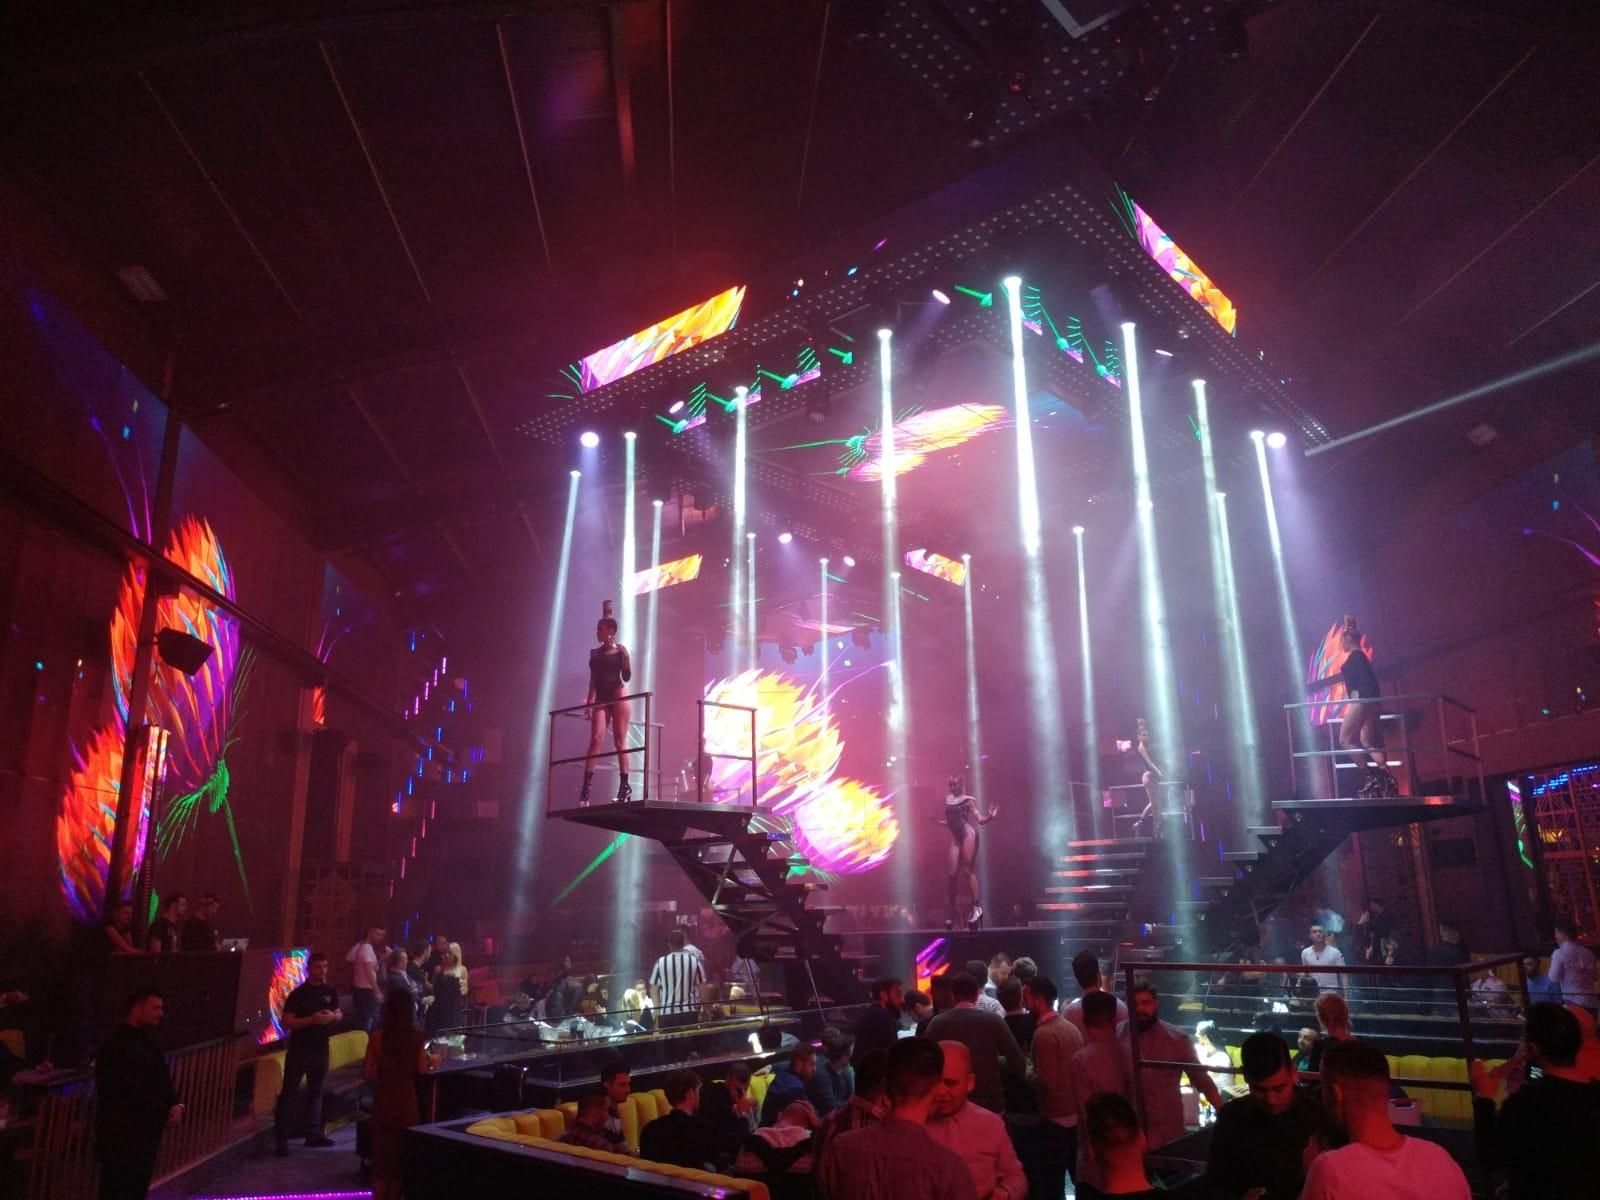 discoteca-bamboo-club-7609c6fba08d1e0ed9